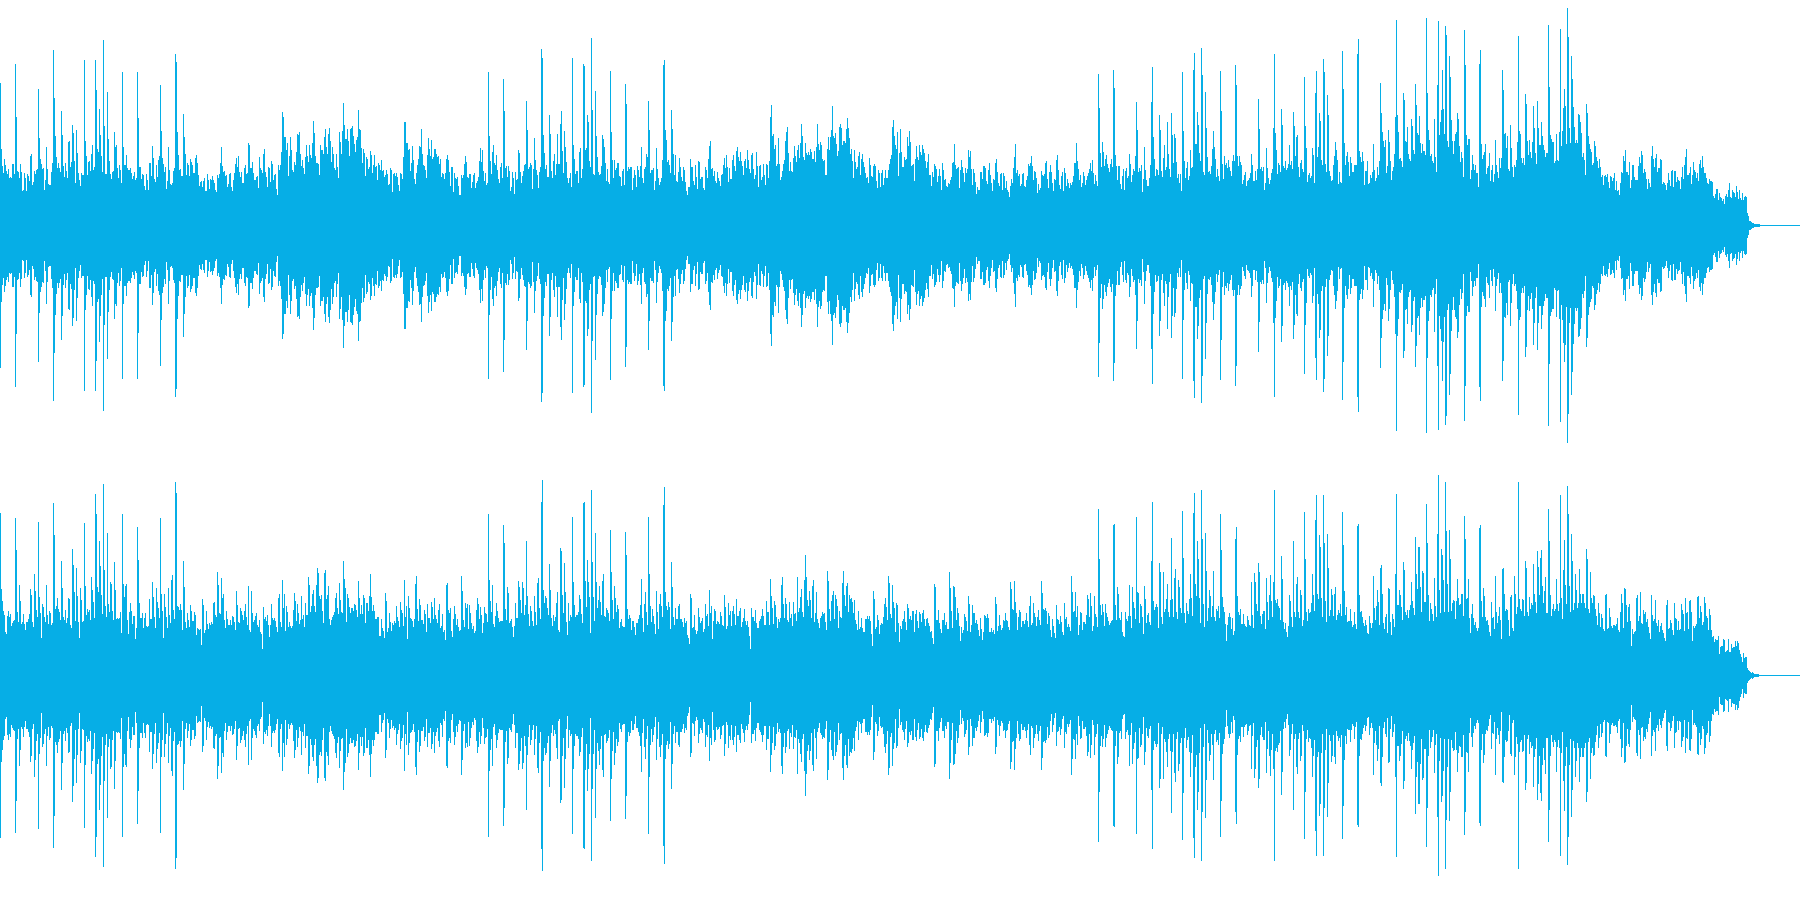 「爽やかな古都の風」琴の音色の優しい調べの再生済みの波形